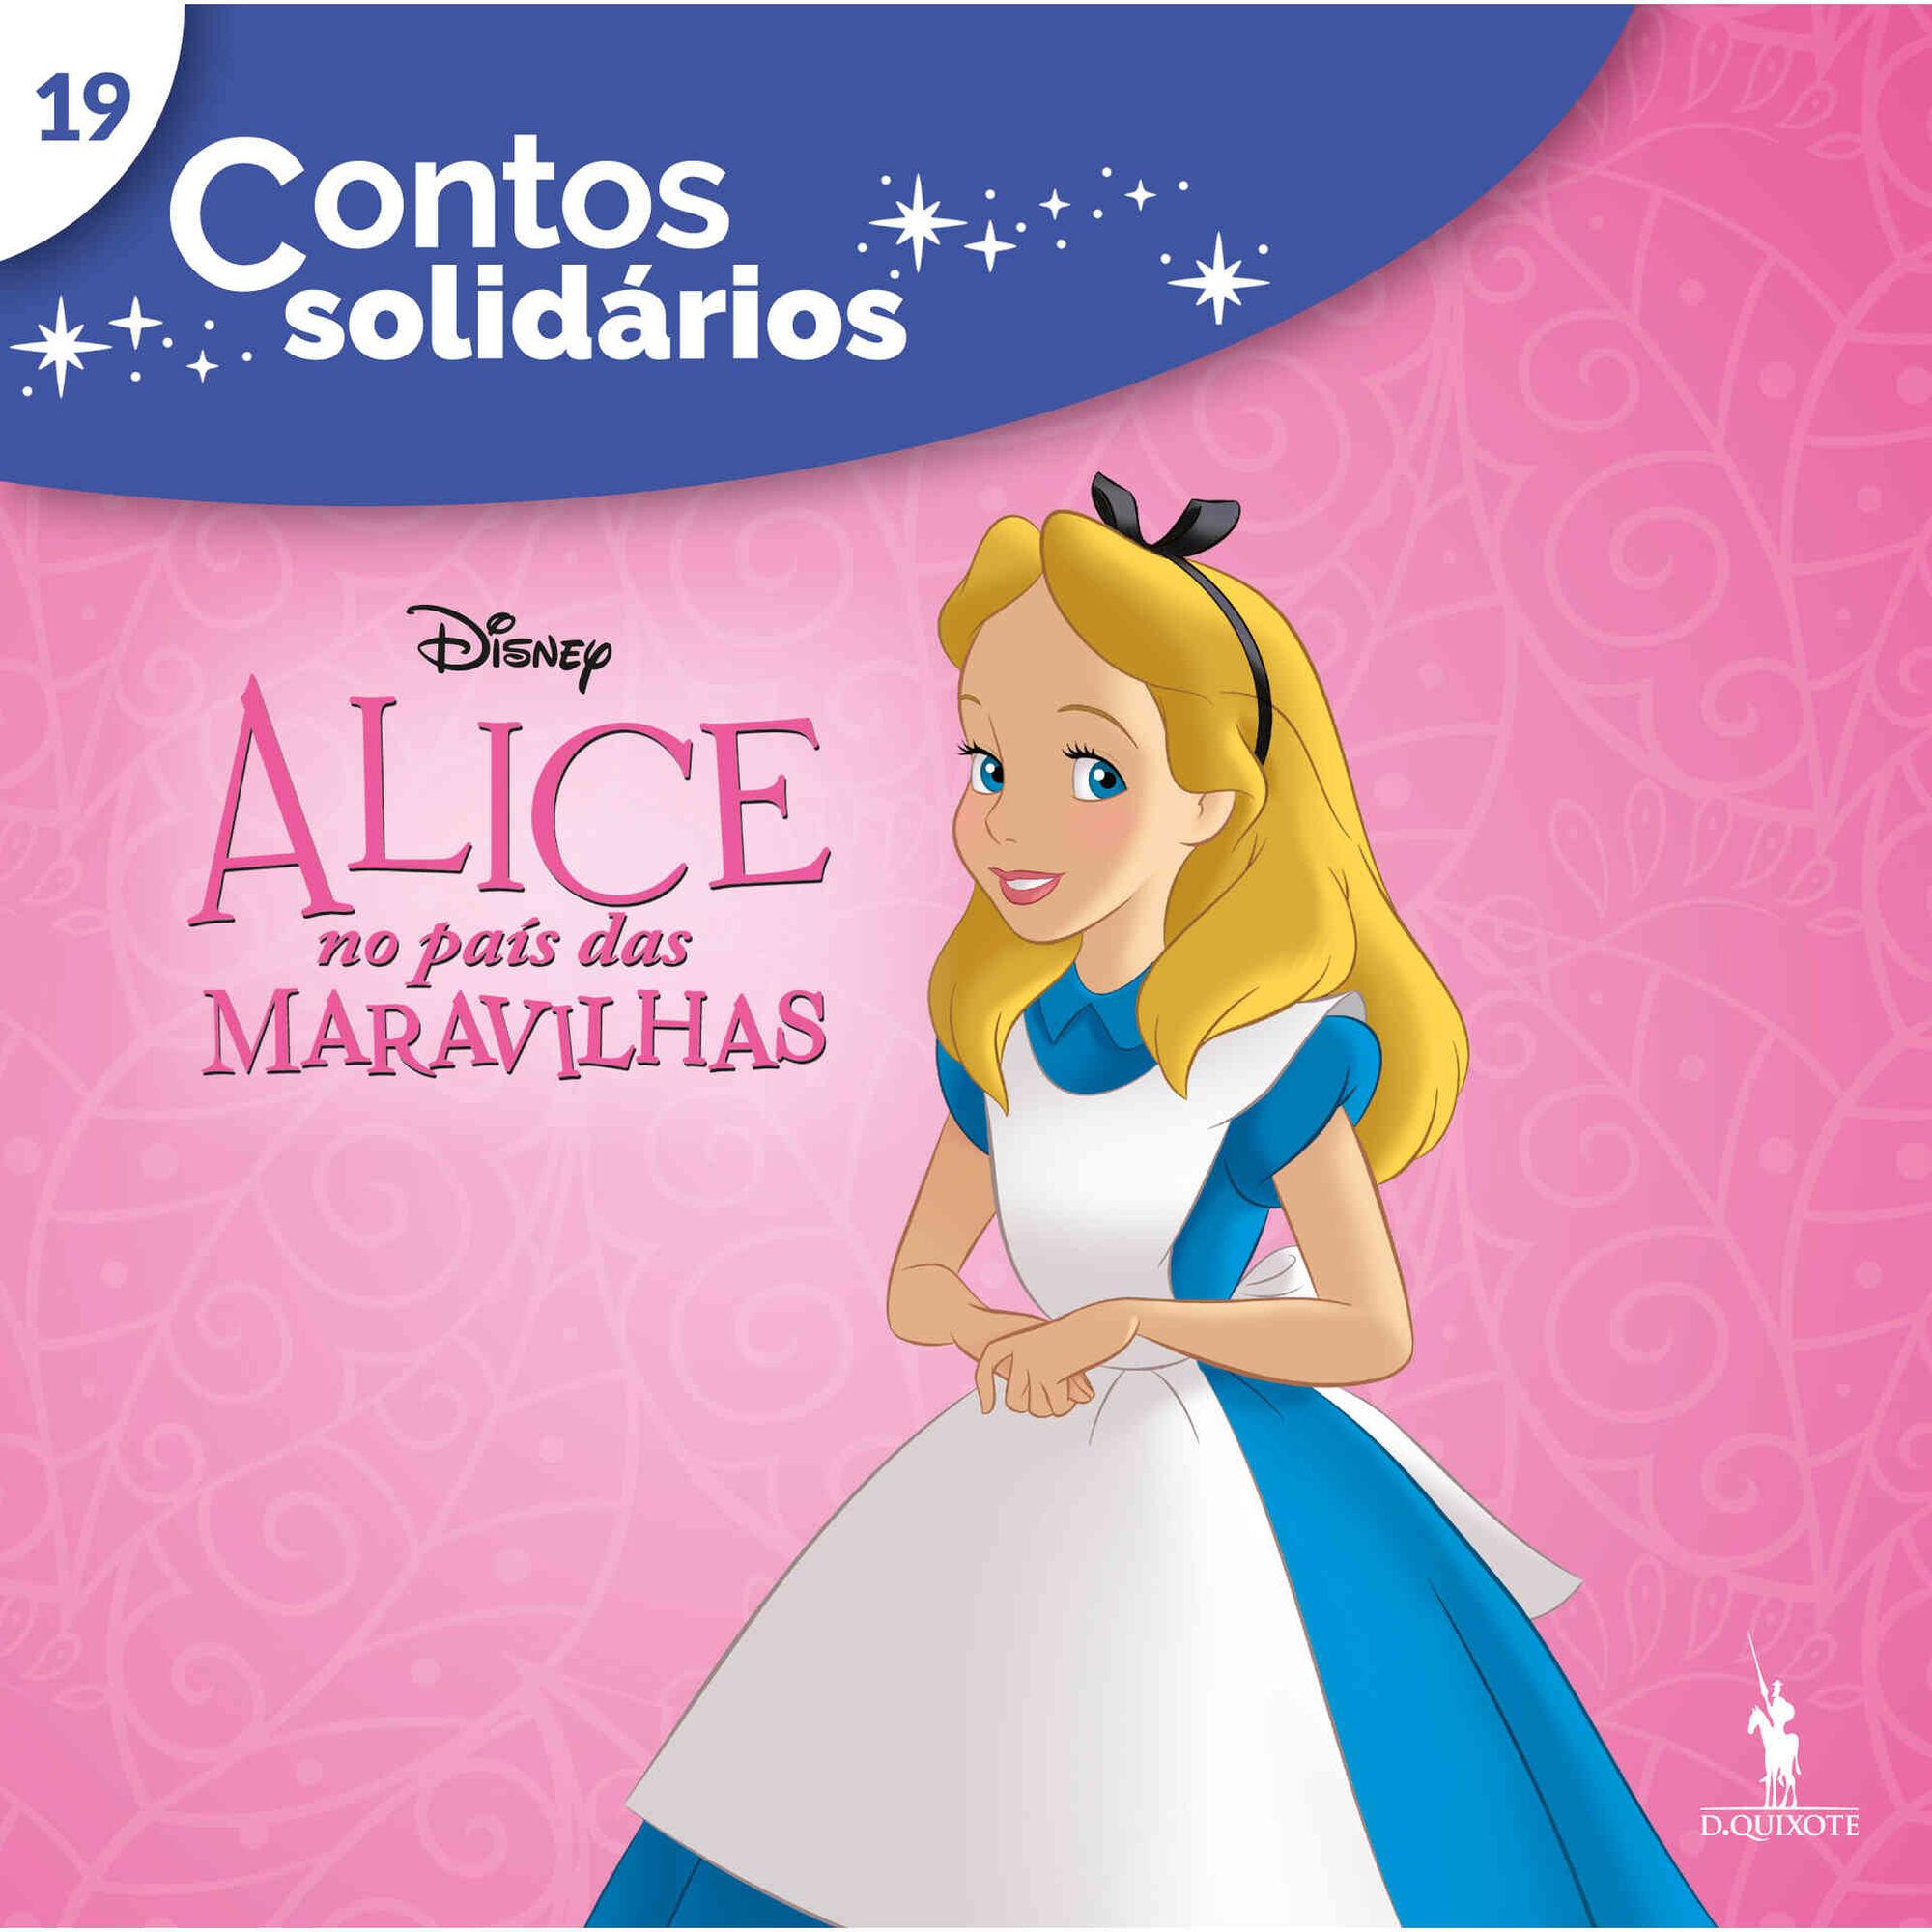 Contos Solidários 19 - Alice no País das Maravilhas